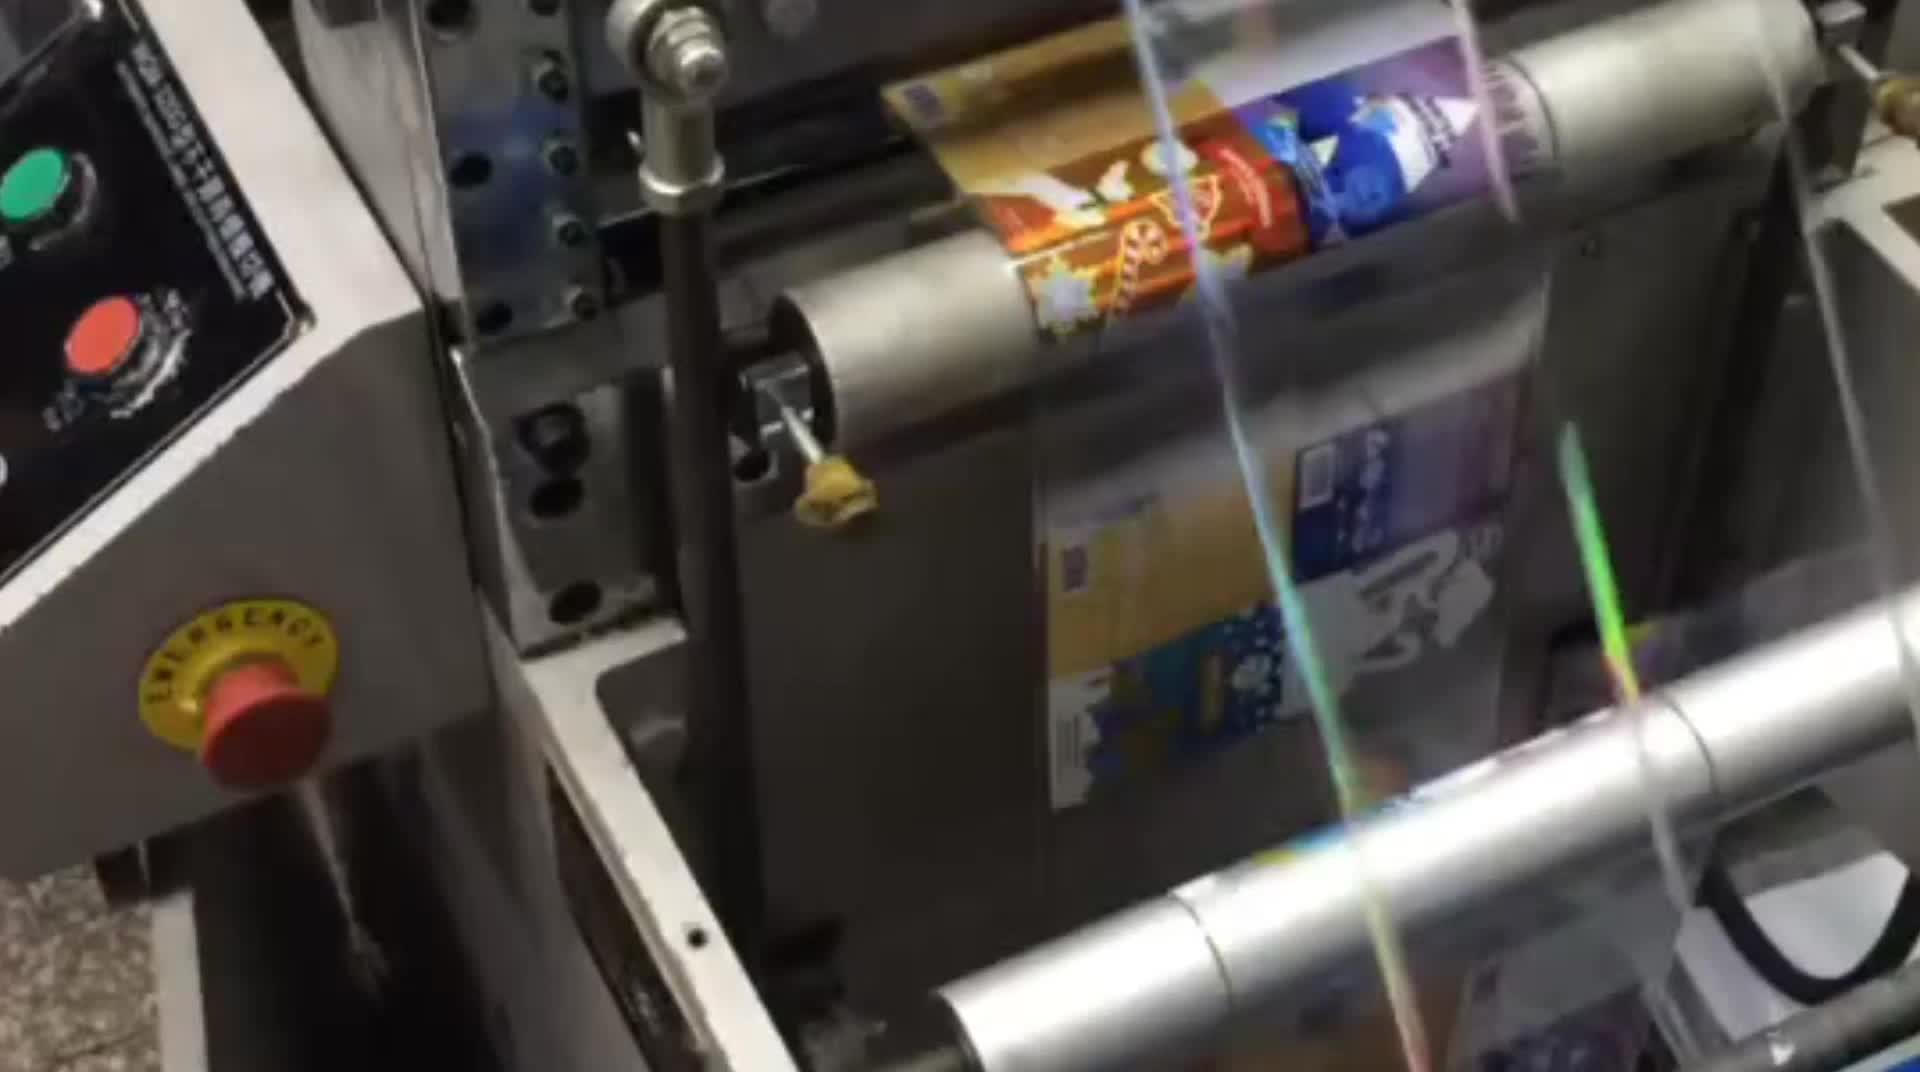 Heißer verkauf verpackung klebstoff papier aufkleber drucken, individuell bedruckte etiketten, wasserflasche klebstoff aufkleber